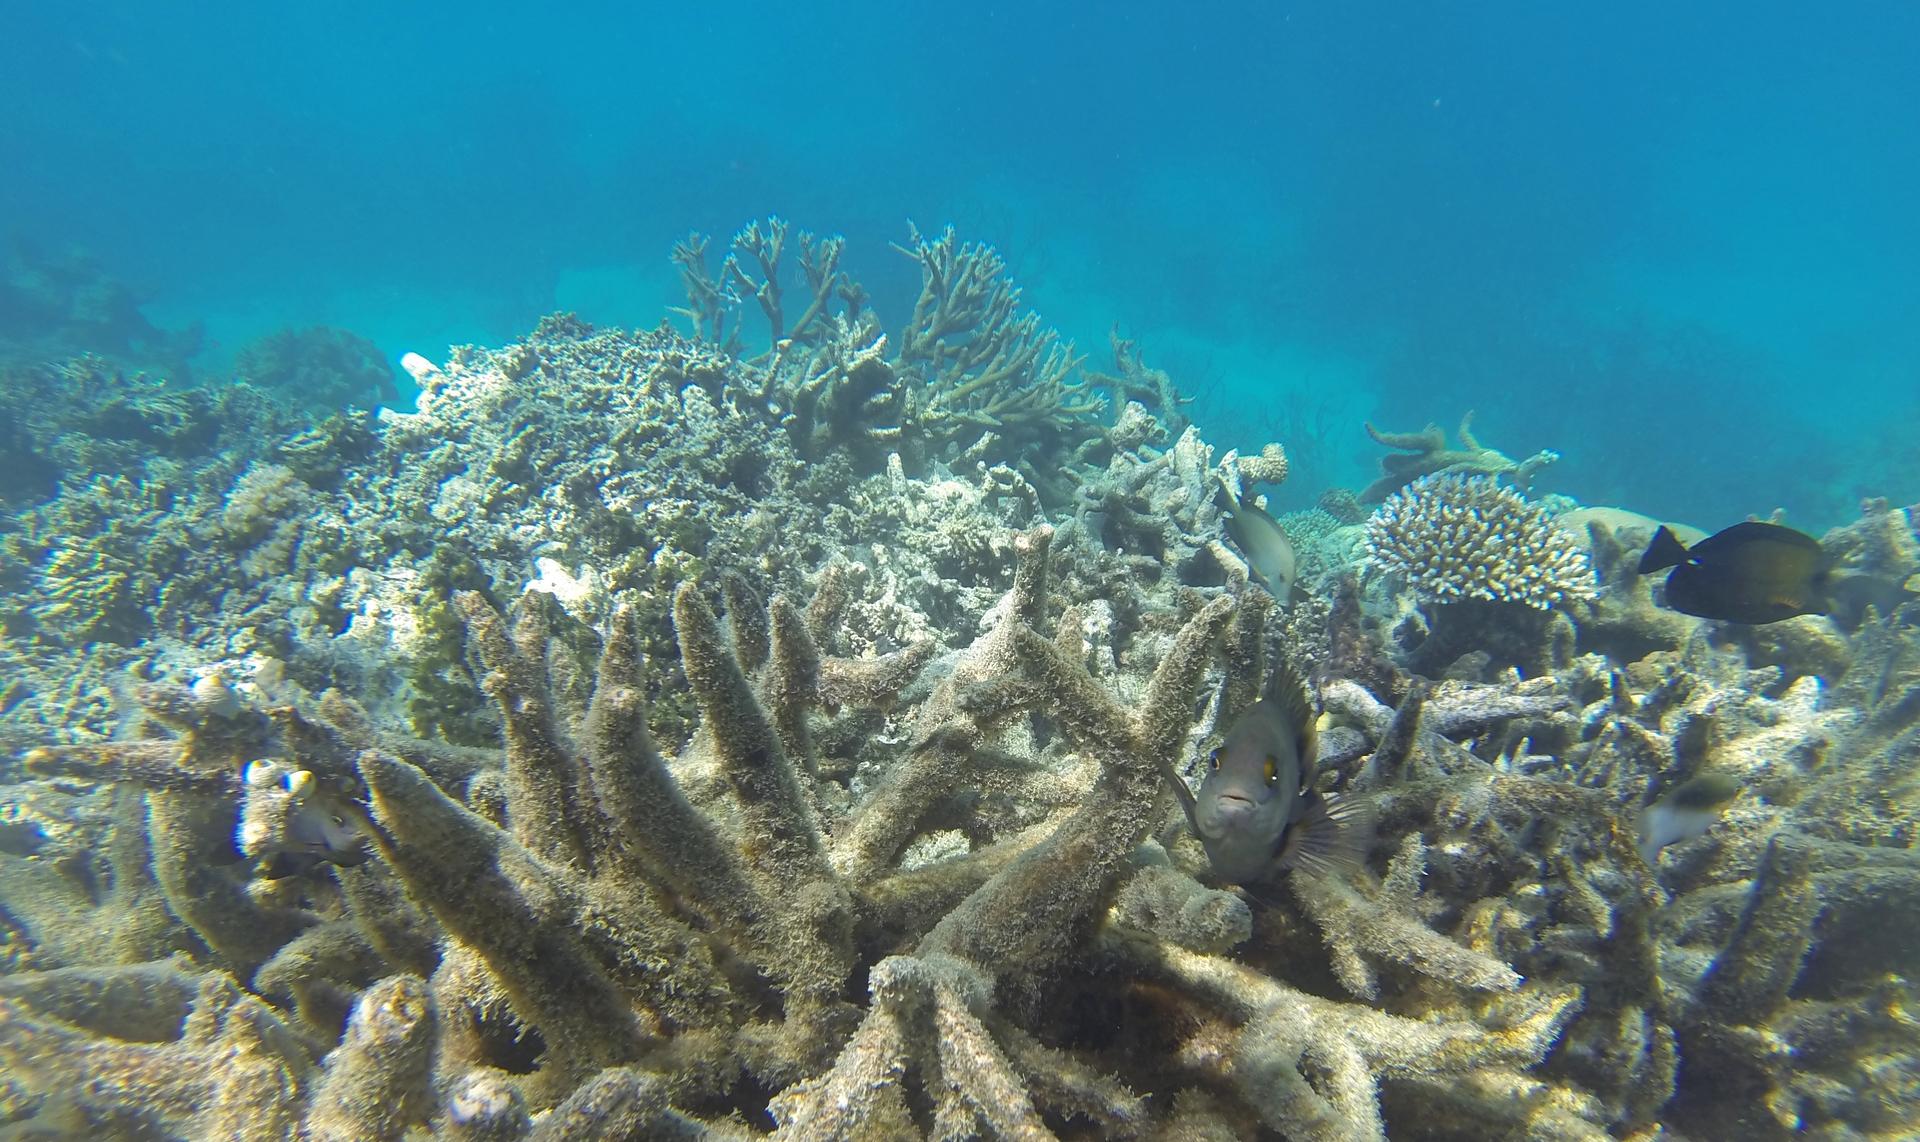 每年14,000噸的防曬乳已造成海洋裡的珊瑚礁白化與死亡。